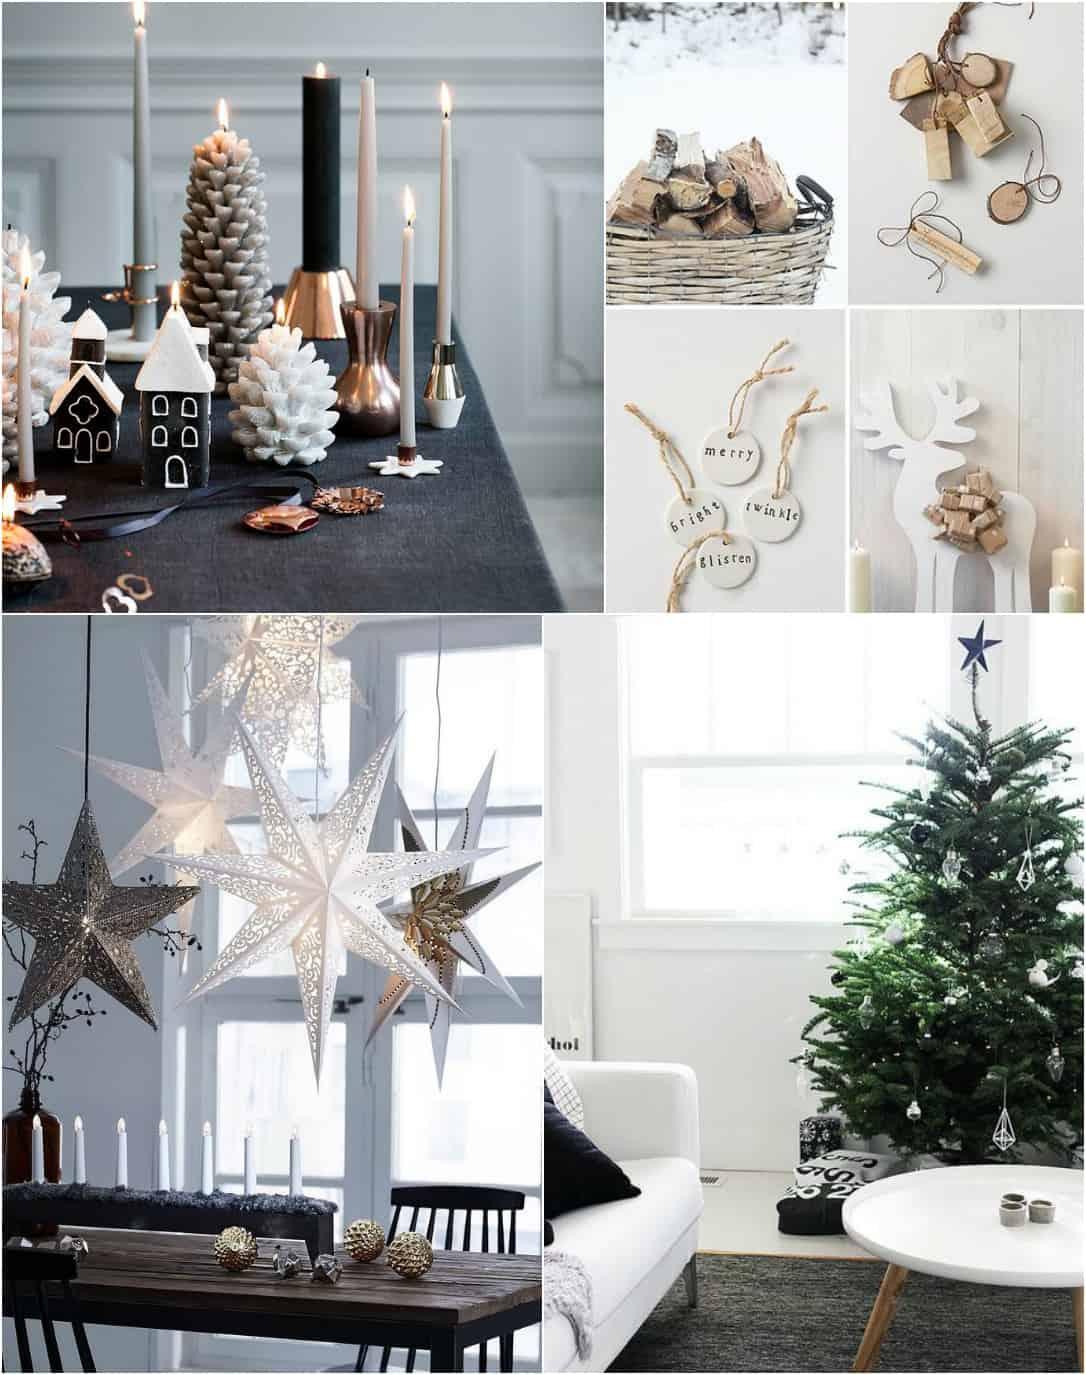 Natale abbandobbi con le decorazioni colorate e luccicanti per immergervi nei toni più bianchi della neve del Nord e nelle delicate forme dei dettagli dal gusto Scandinavian Chic